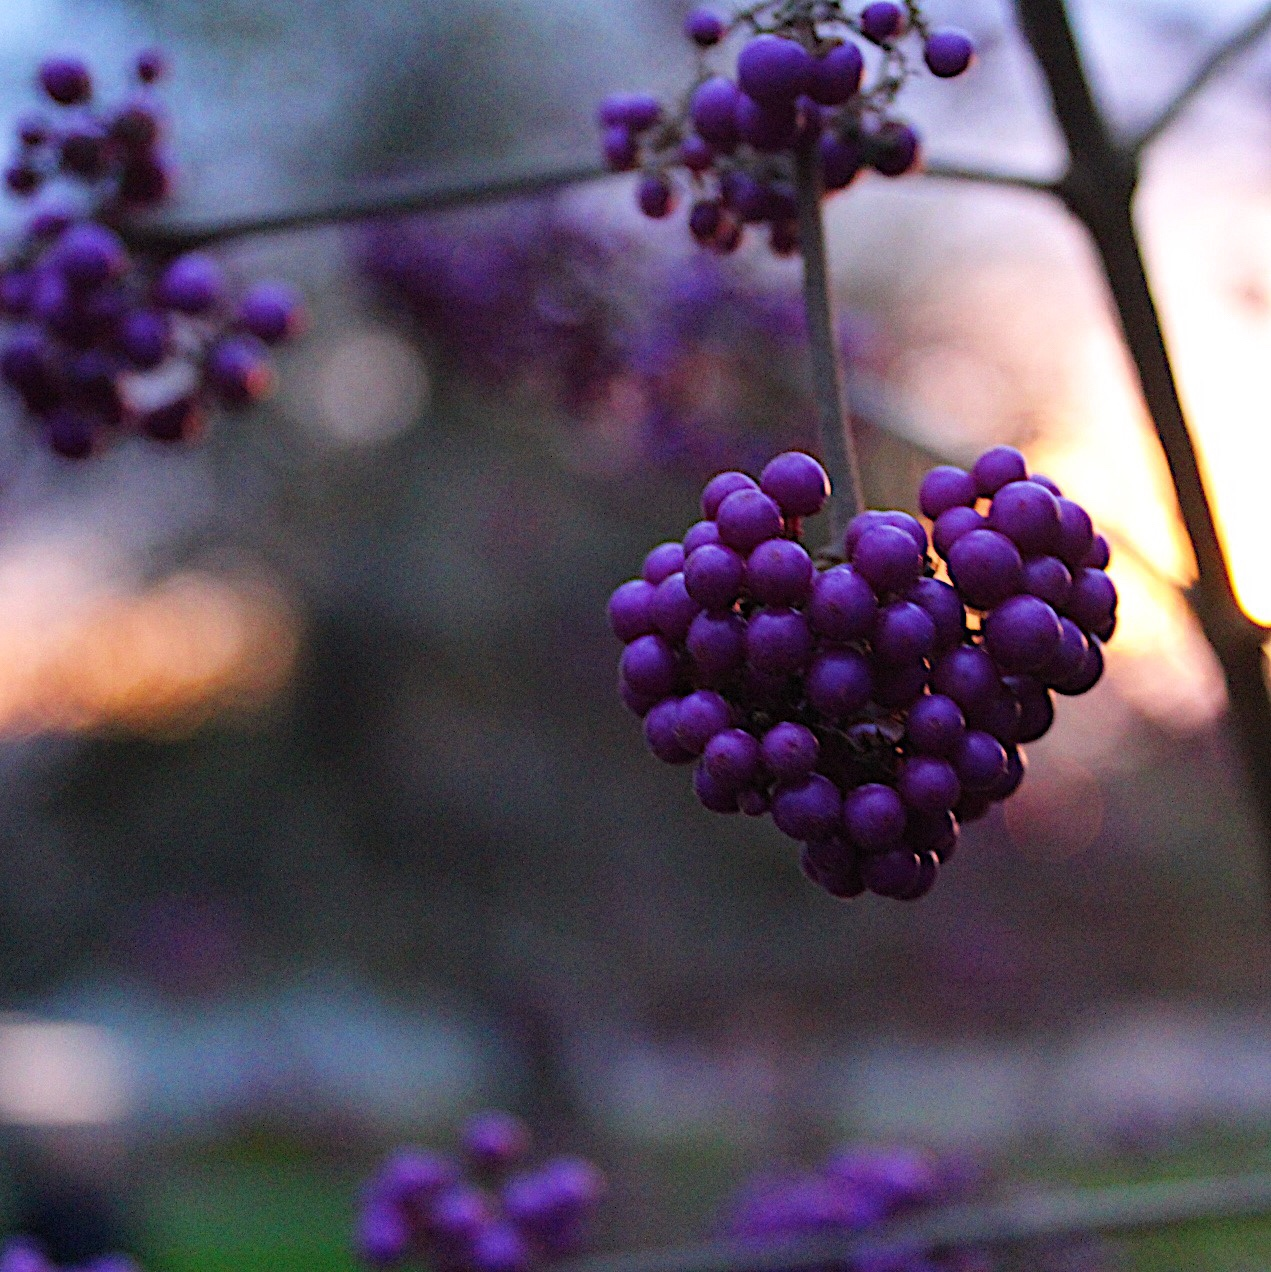 Tree berries in shape of heart